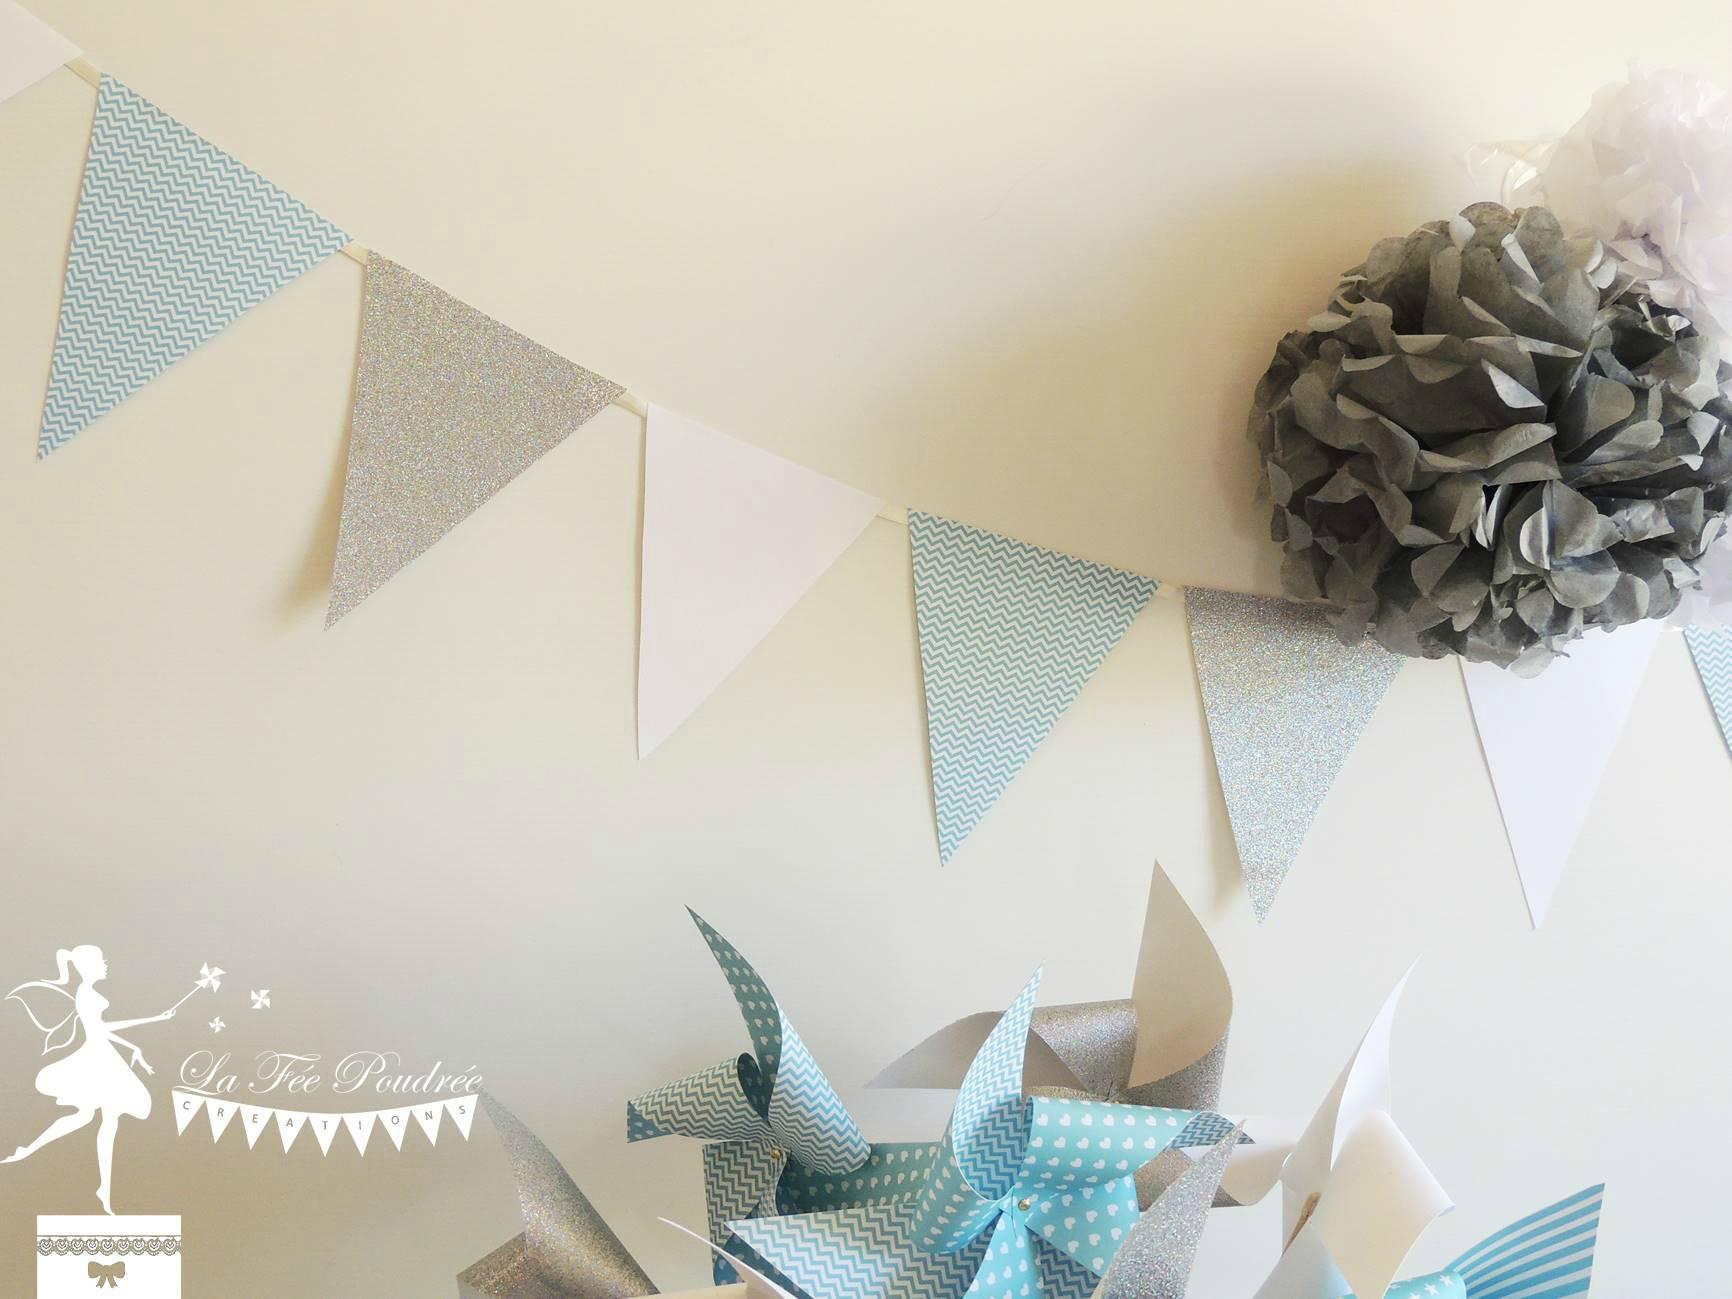 guirlande fanion moulins a vent decoration bapteme baby shower mariage pompon gris bleu pastel blanc gris argent